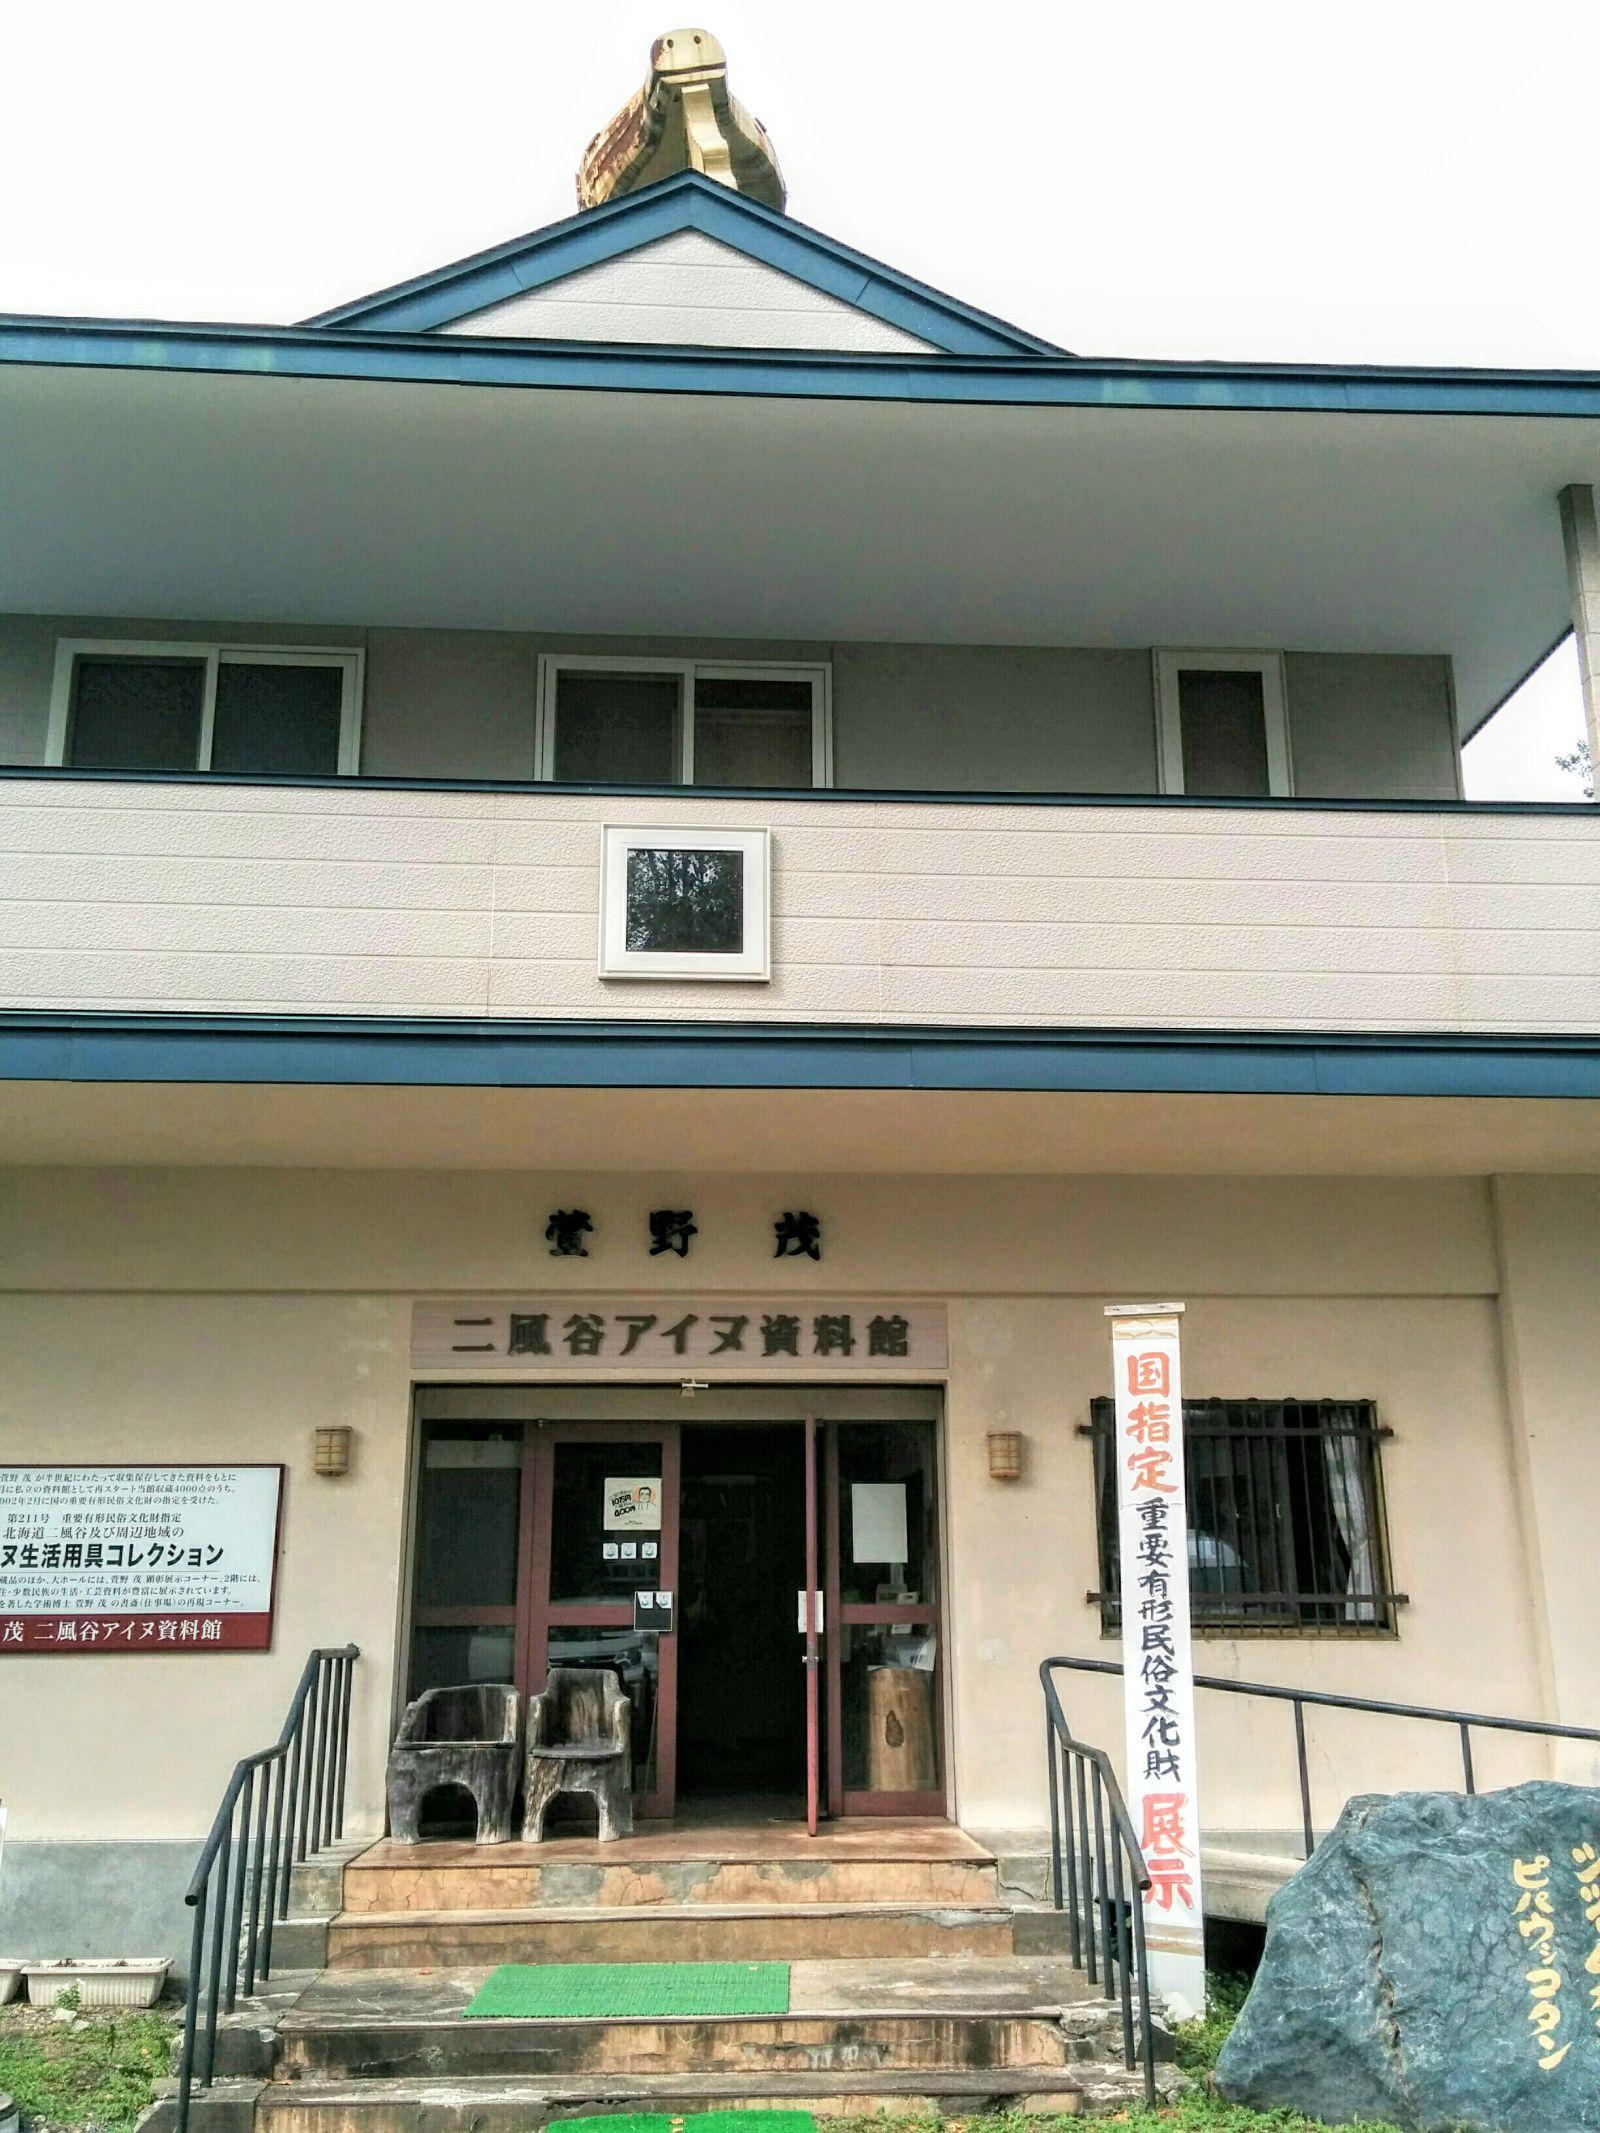 【平取町】萱野茂・二風谷アイヌ資料館観光案内です。